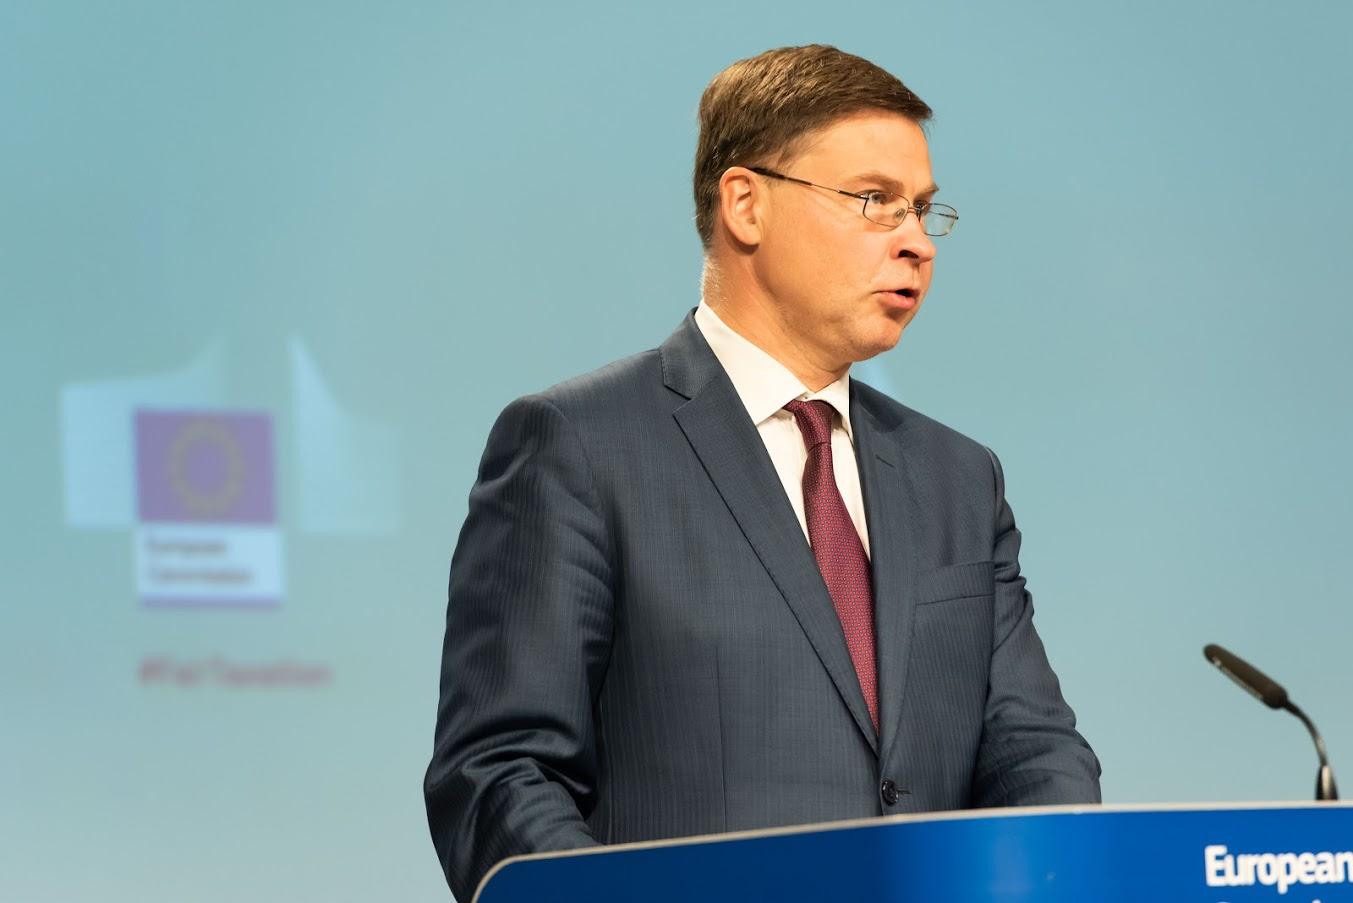 Valdis Dombrovskis - Copyright: European Union, 2020 - Photographer: Aurore Martignoni